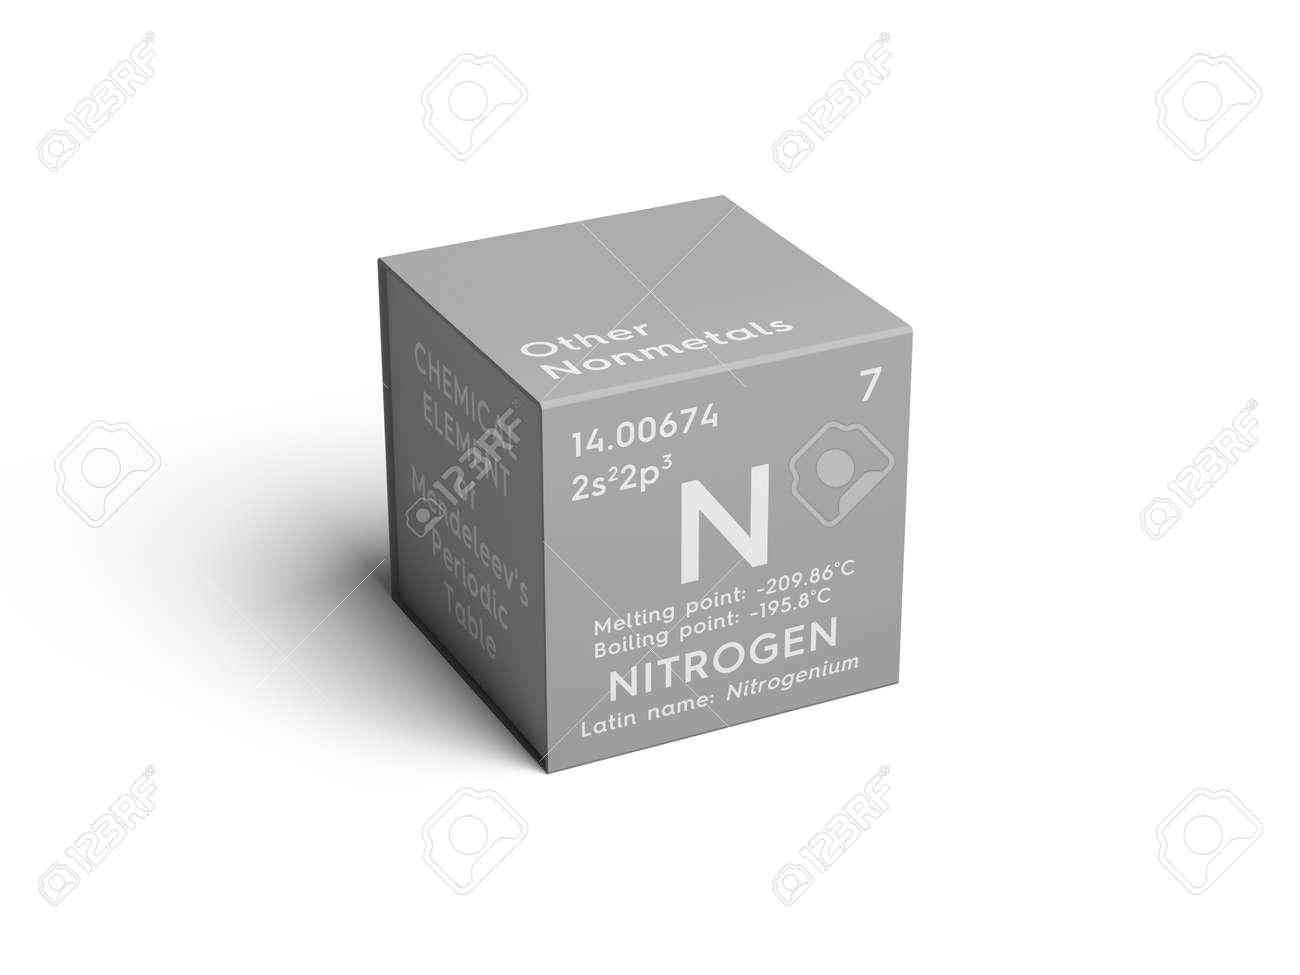 Nitrgeno otros no metales elemento qumico de la tabla peridica foto de archivo nitrgeno otros no metales elemento qumico de la tabla peridica de mendeleev nitrgeno en un cubo cuadrado concepto creativo urtaz Image collections